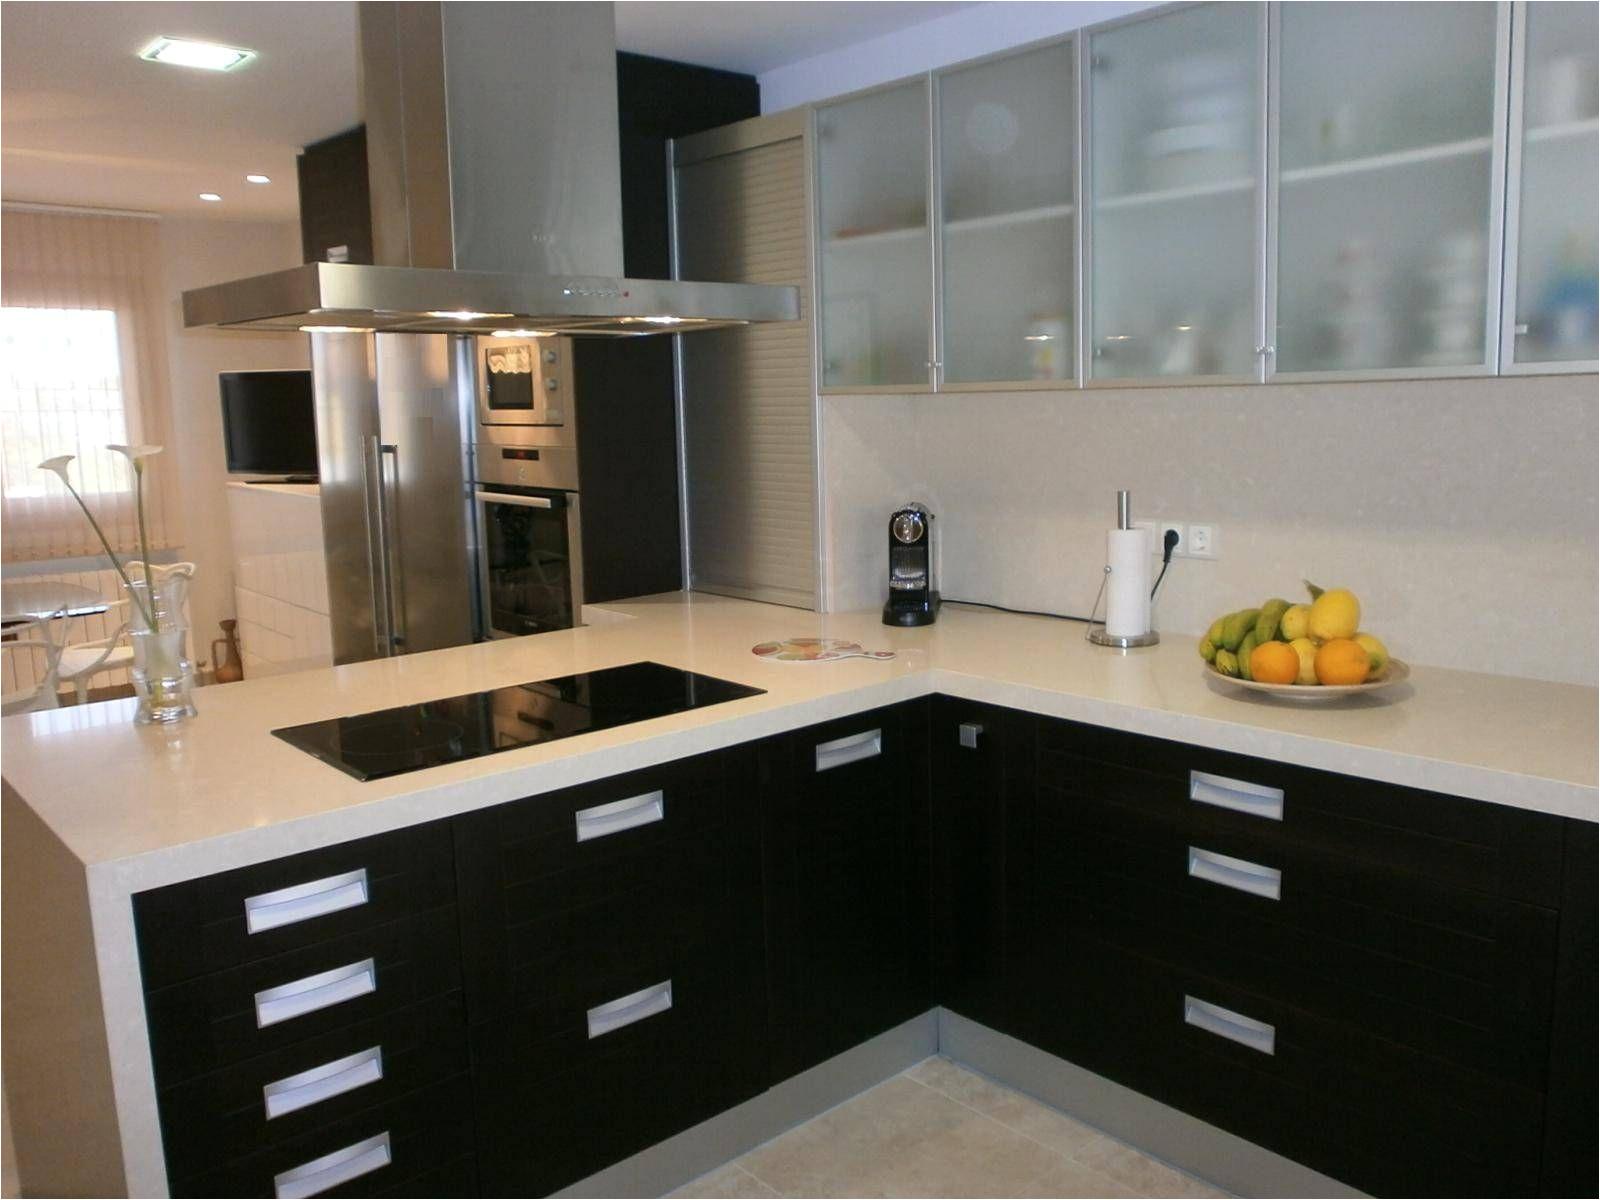 Diseños De Cocinas Pequeñas Y Sencillas Con Barra Cocinas Pequea as Modernas Impresionante Fotografia Imagen El Derecho